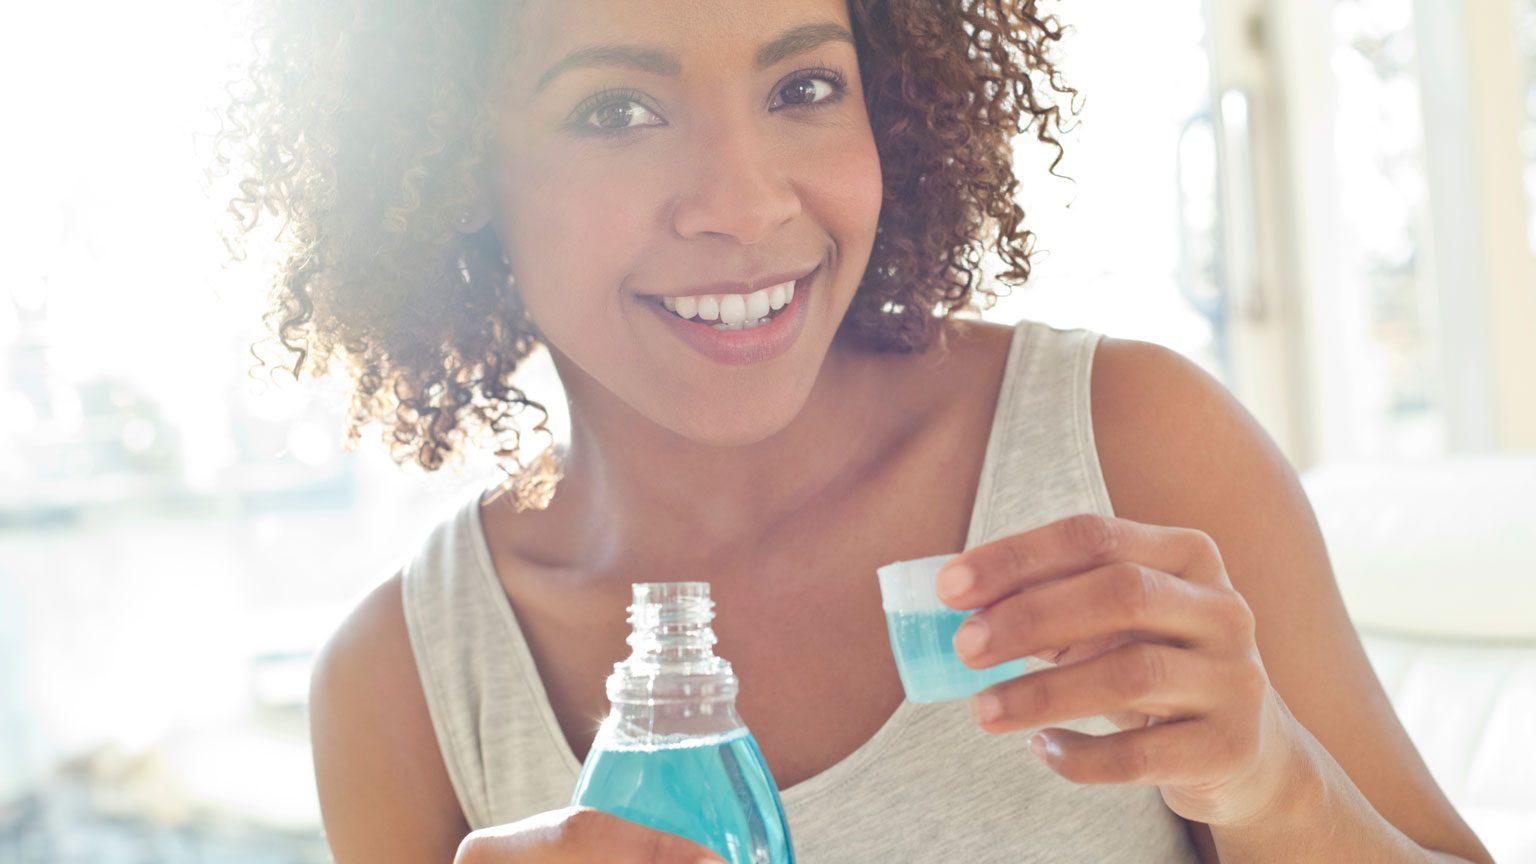 Portrait of woman using mouthwash